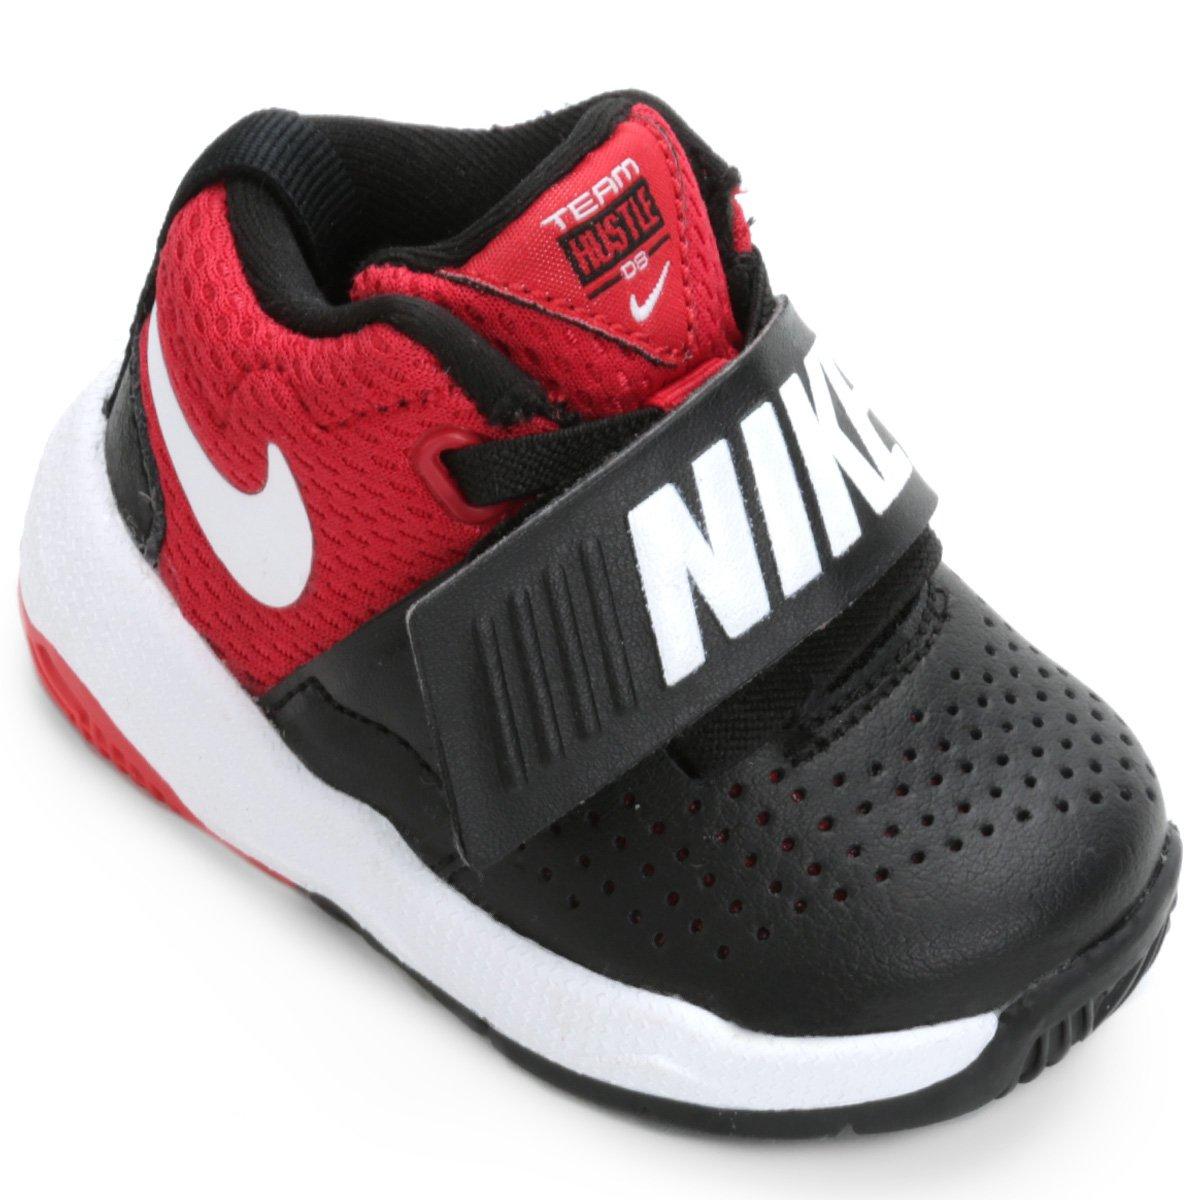 ac5f67632b Tênis Infantil Couro Nike Team Hustle D Masculino - Preto e Vermelho -  Compre Agora